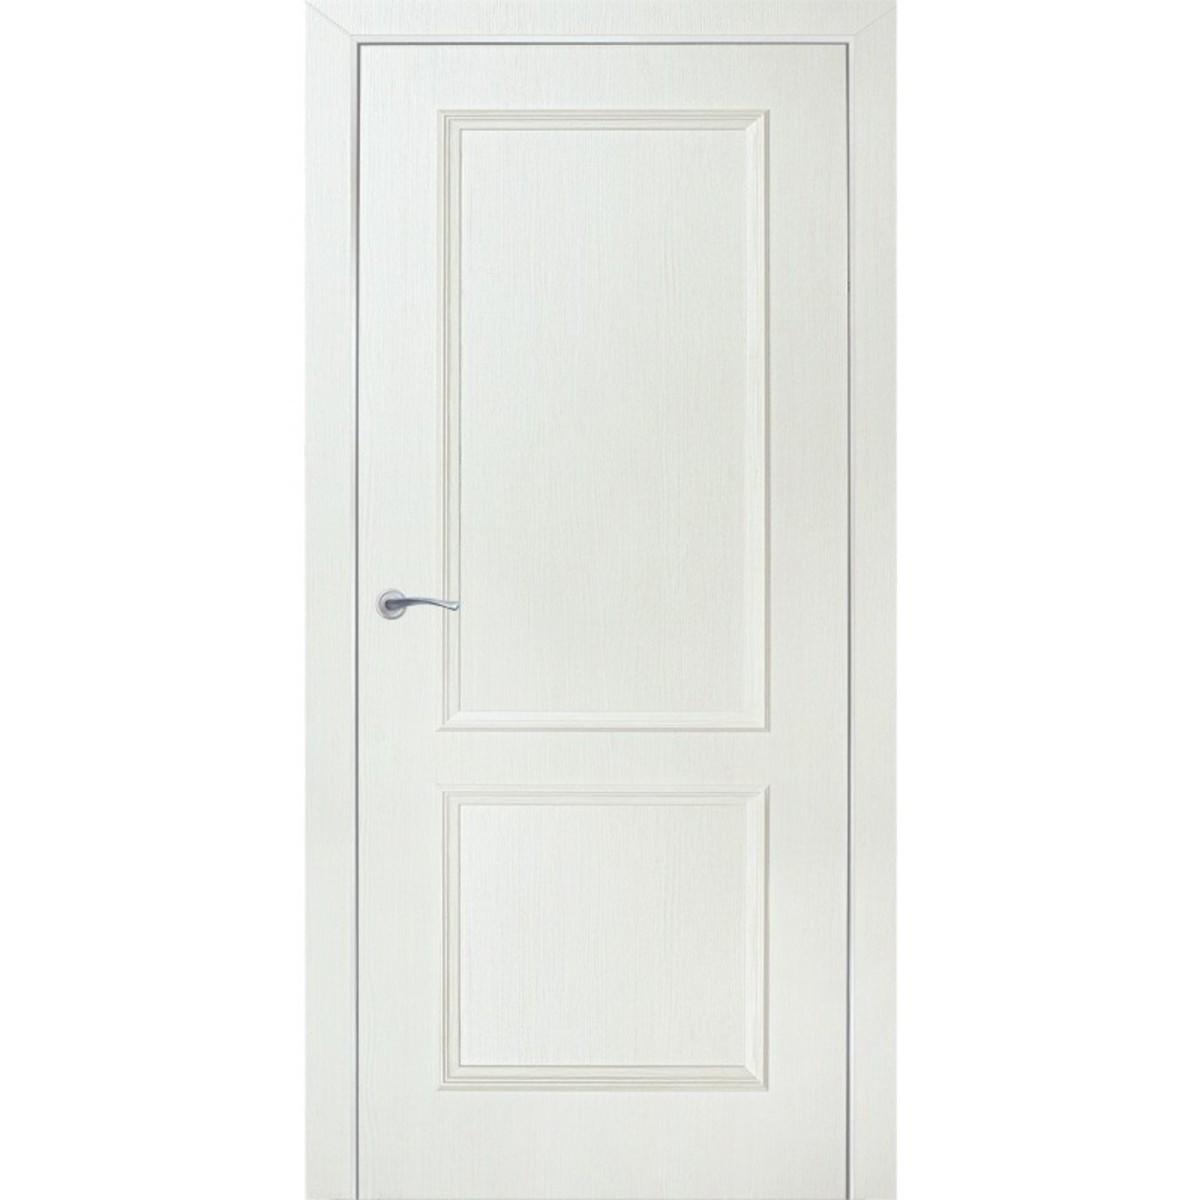 Дверь Межкомнатная Глухая Altro 70x200 Ламинация Цвет Бьянко 3d